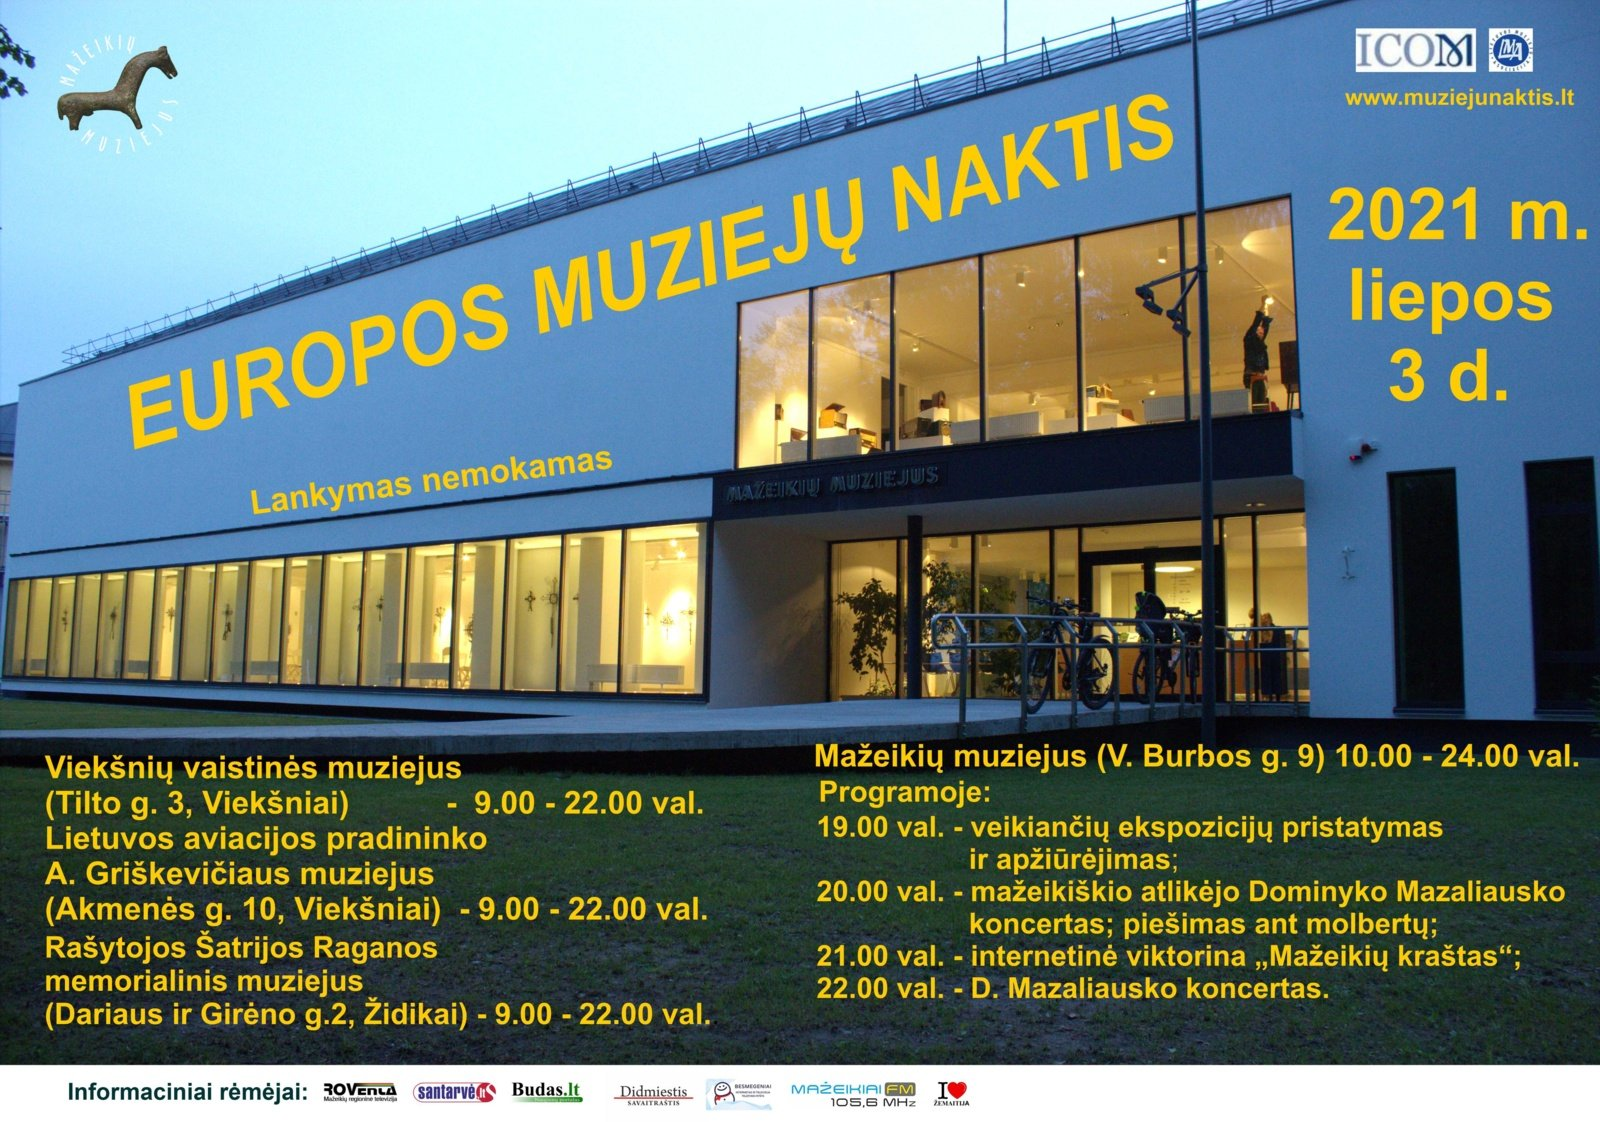 Europos muziejų naktis Mažeikių muziejuje